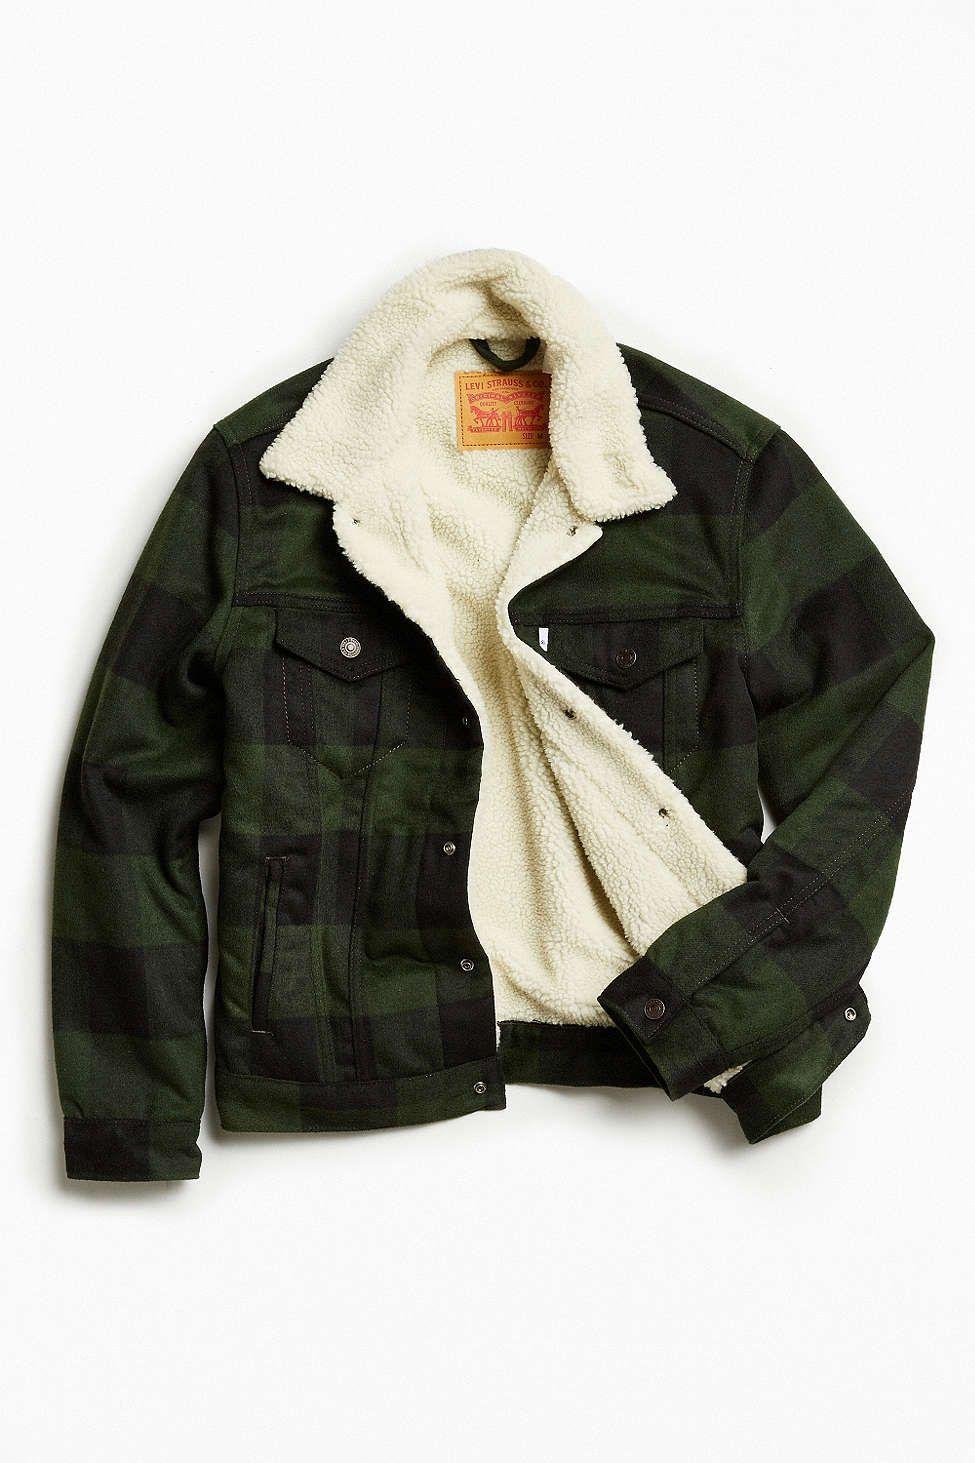 fd076f3de35b2 Levis Buffalo Plaid Flannel Sherpa Trucker Jacket - Urban Outfitters ...